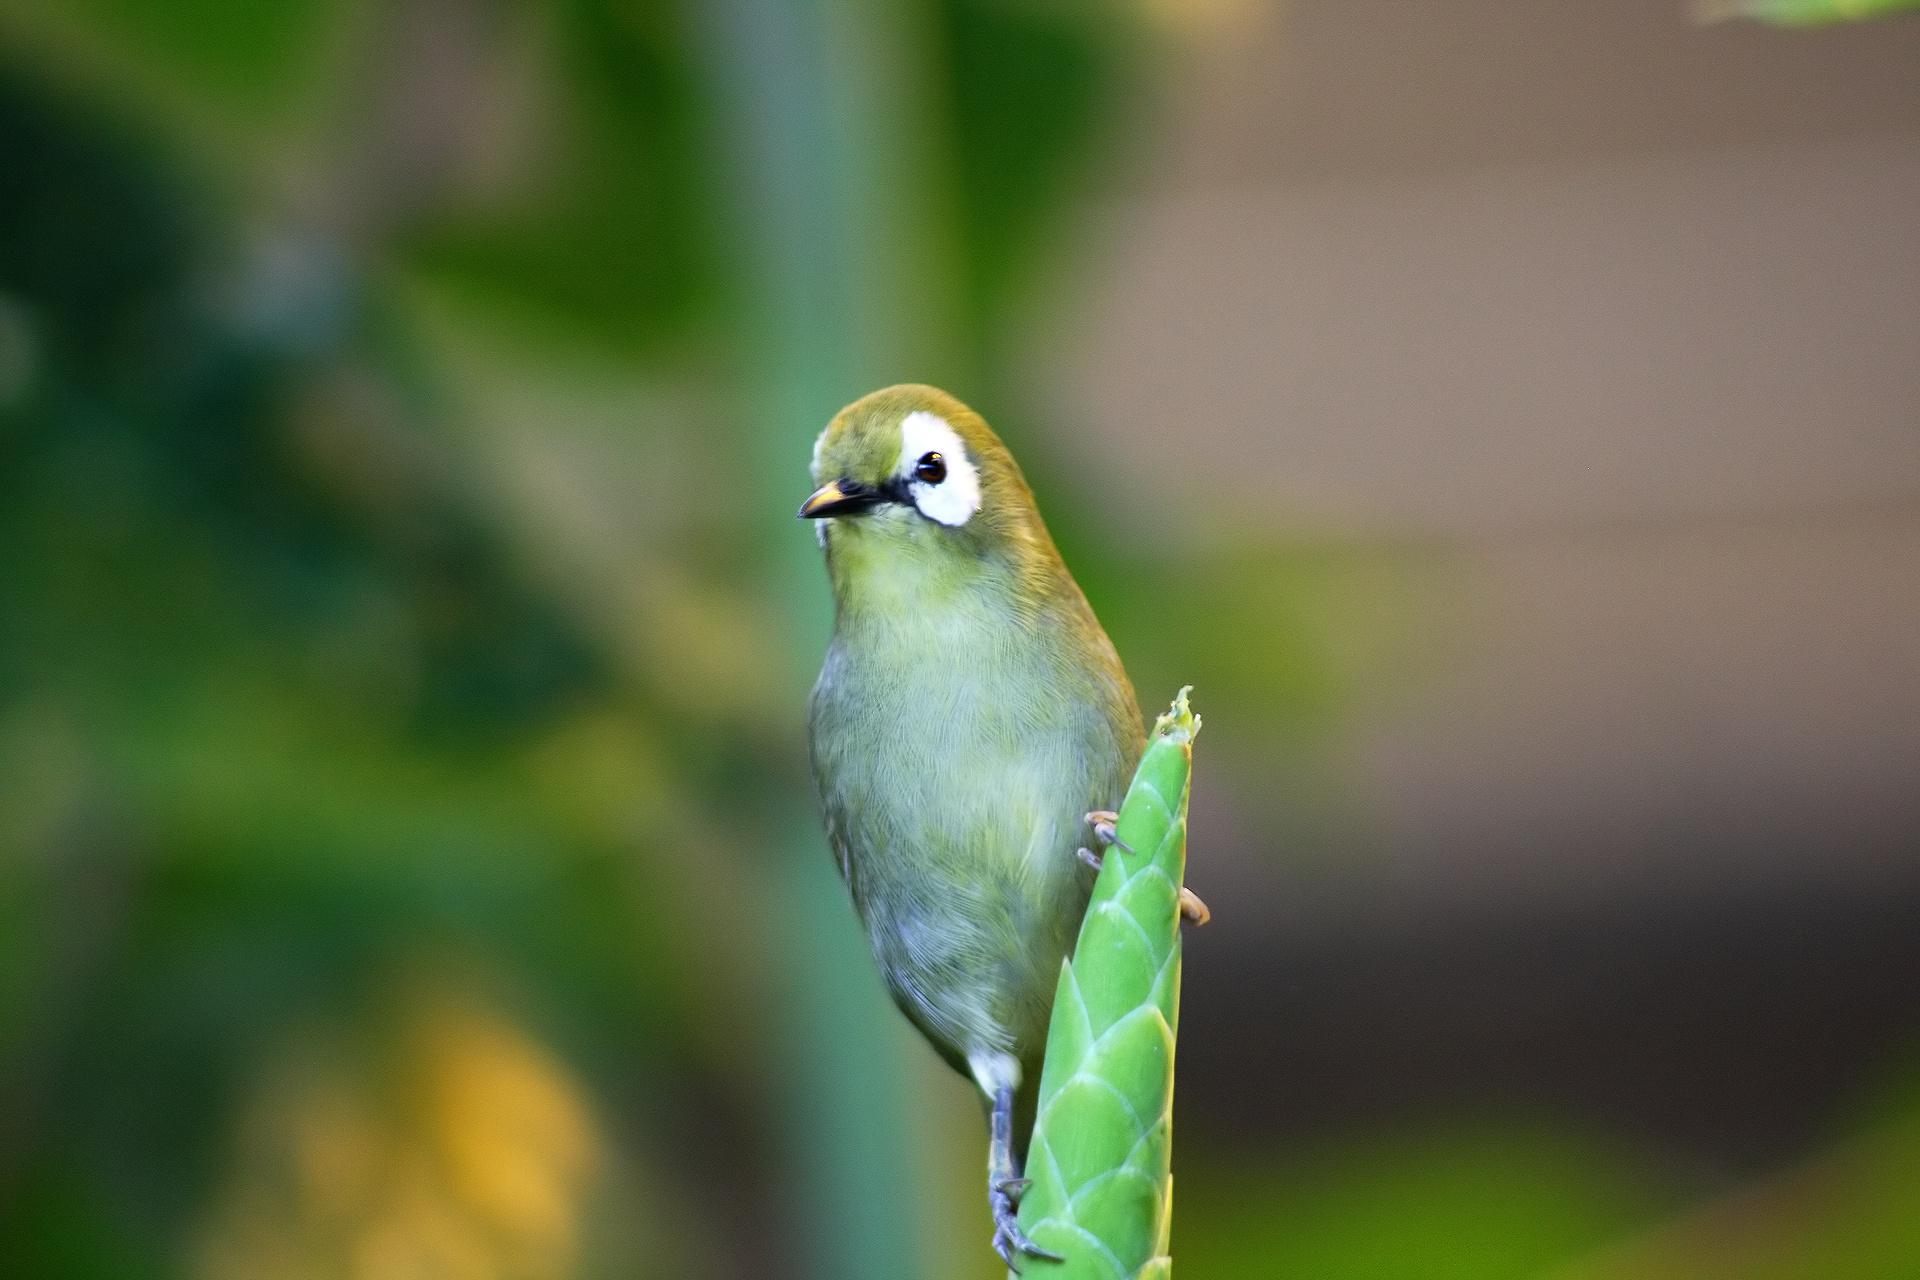 Fonds D'écran Gratuits: Oiseaux Exotiques concernant Fond D'?Cran Gratuit Avec Des Oiseaux